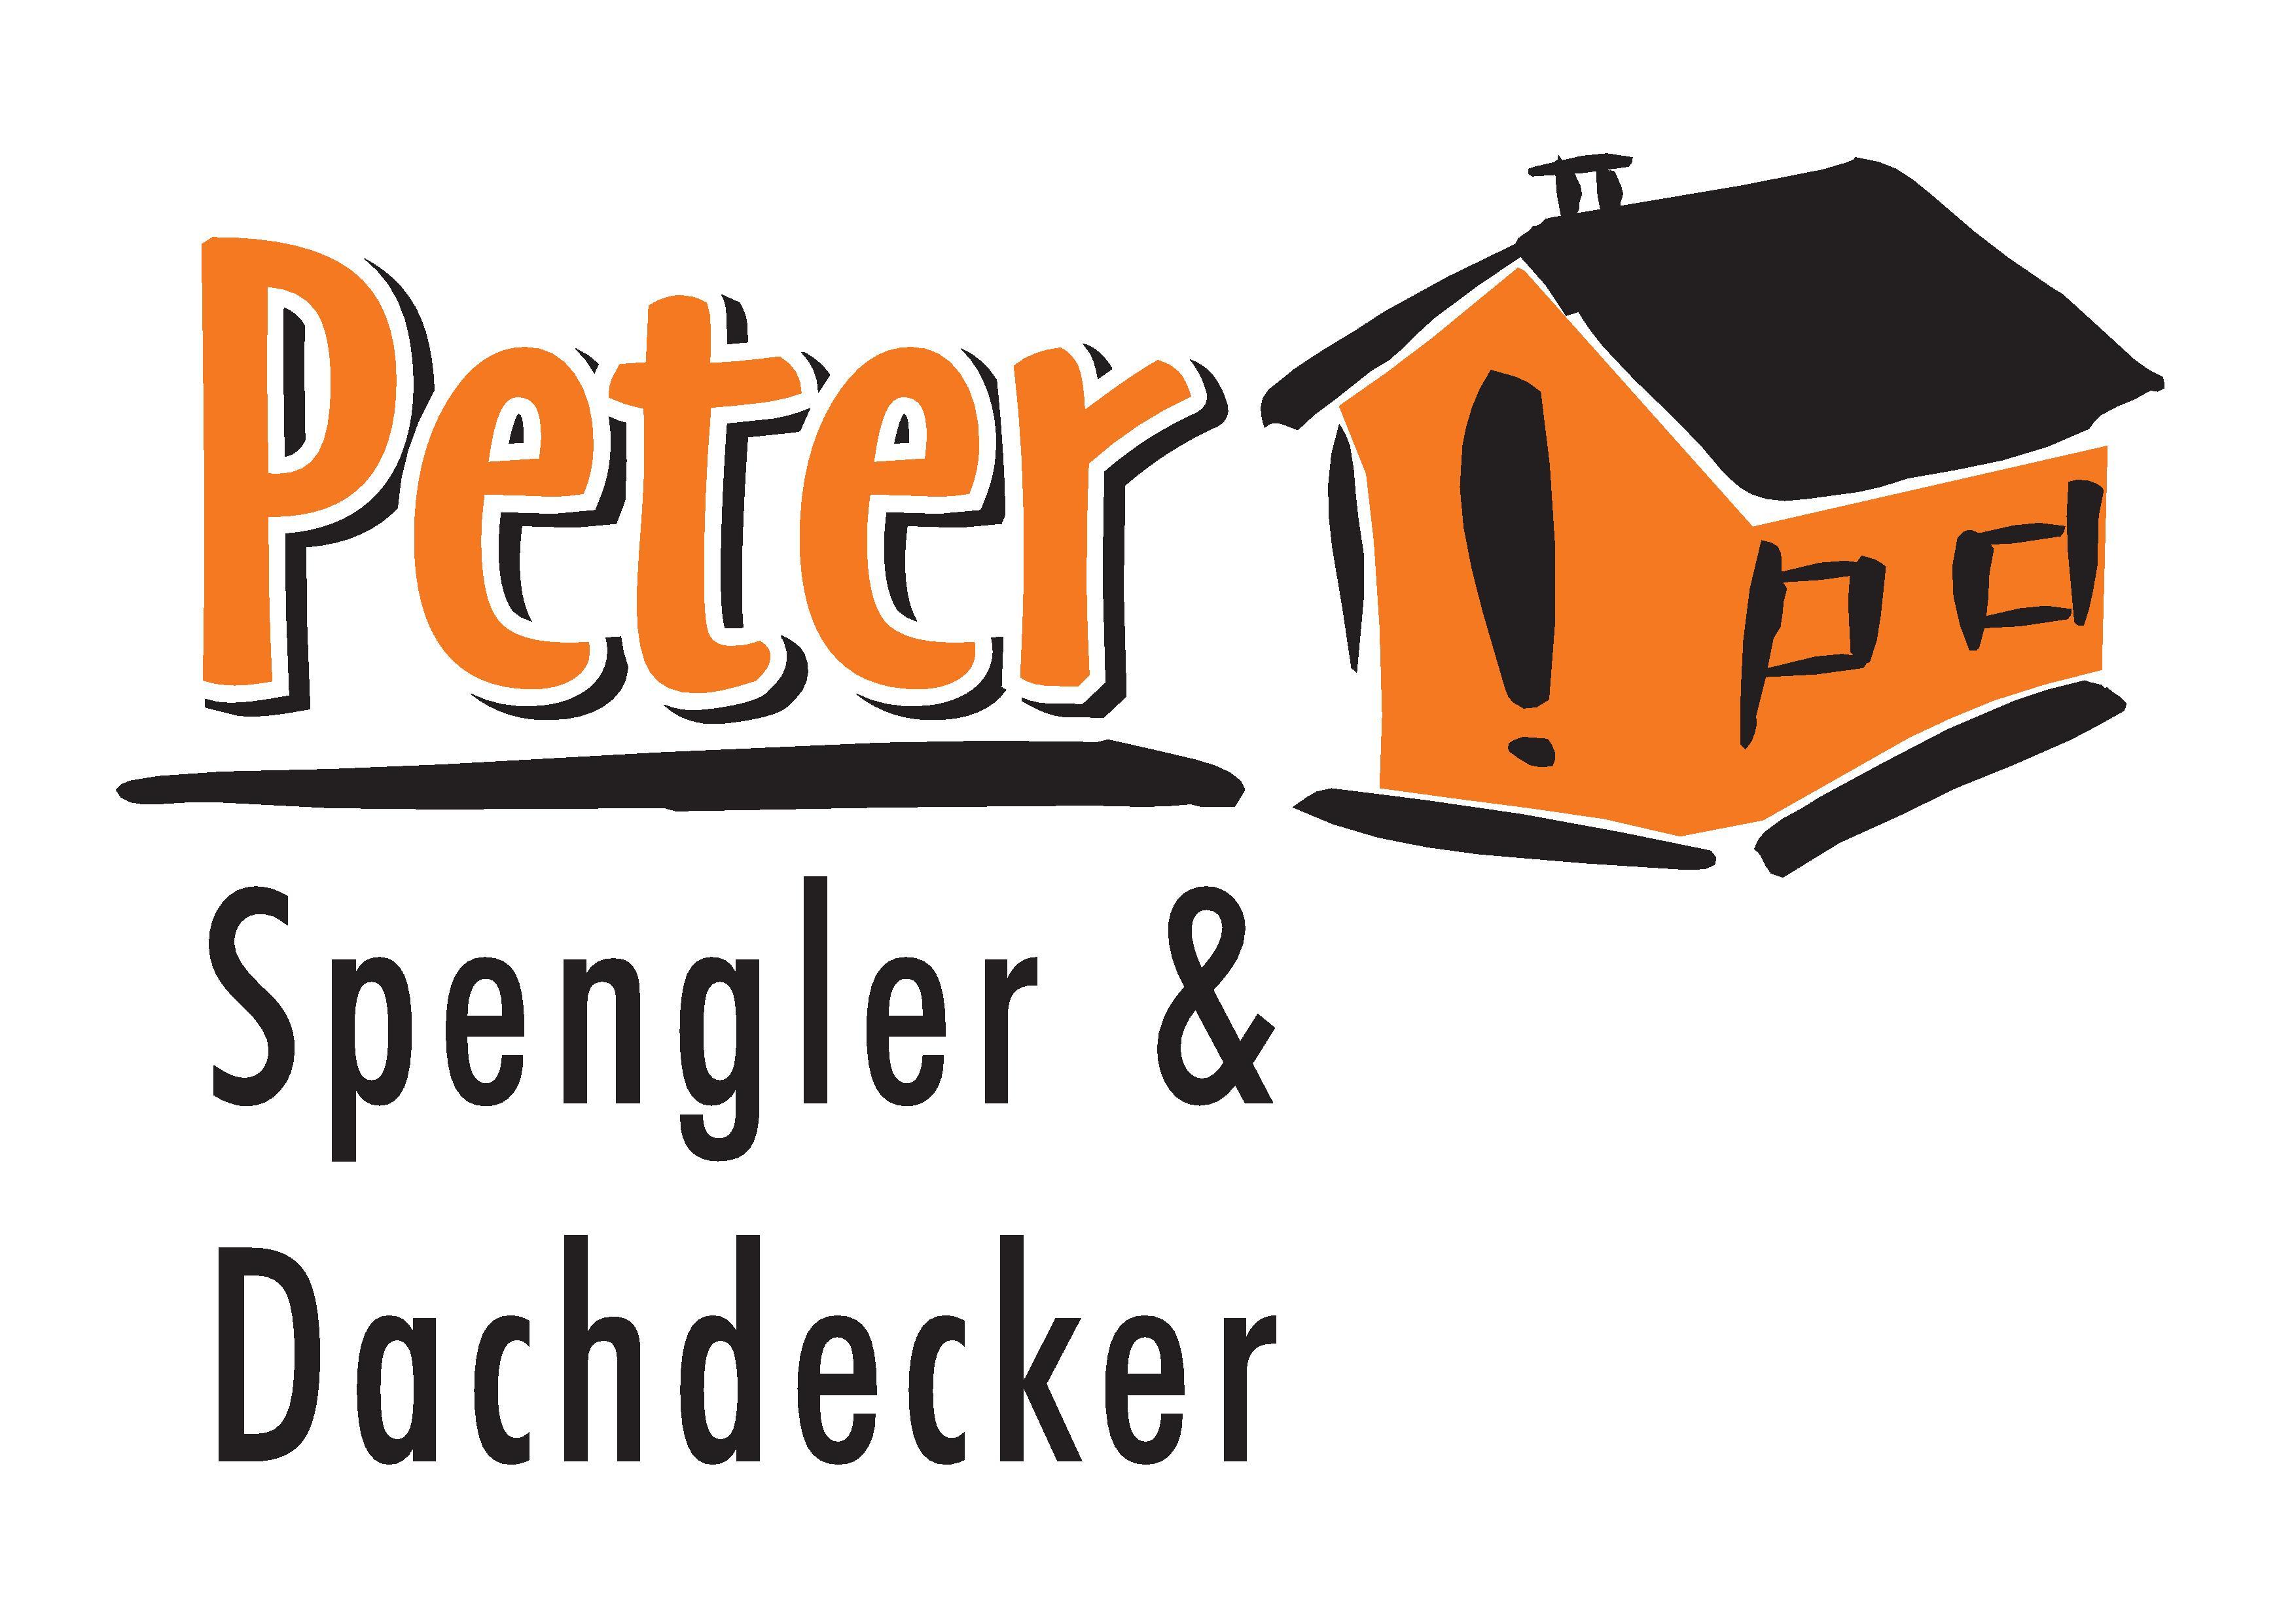 Herbert Peter Spengler & Dachdecker